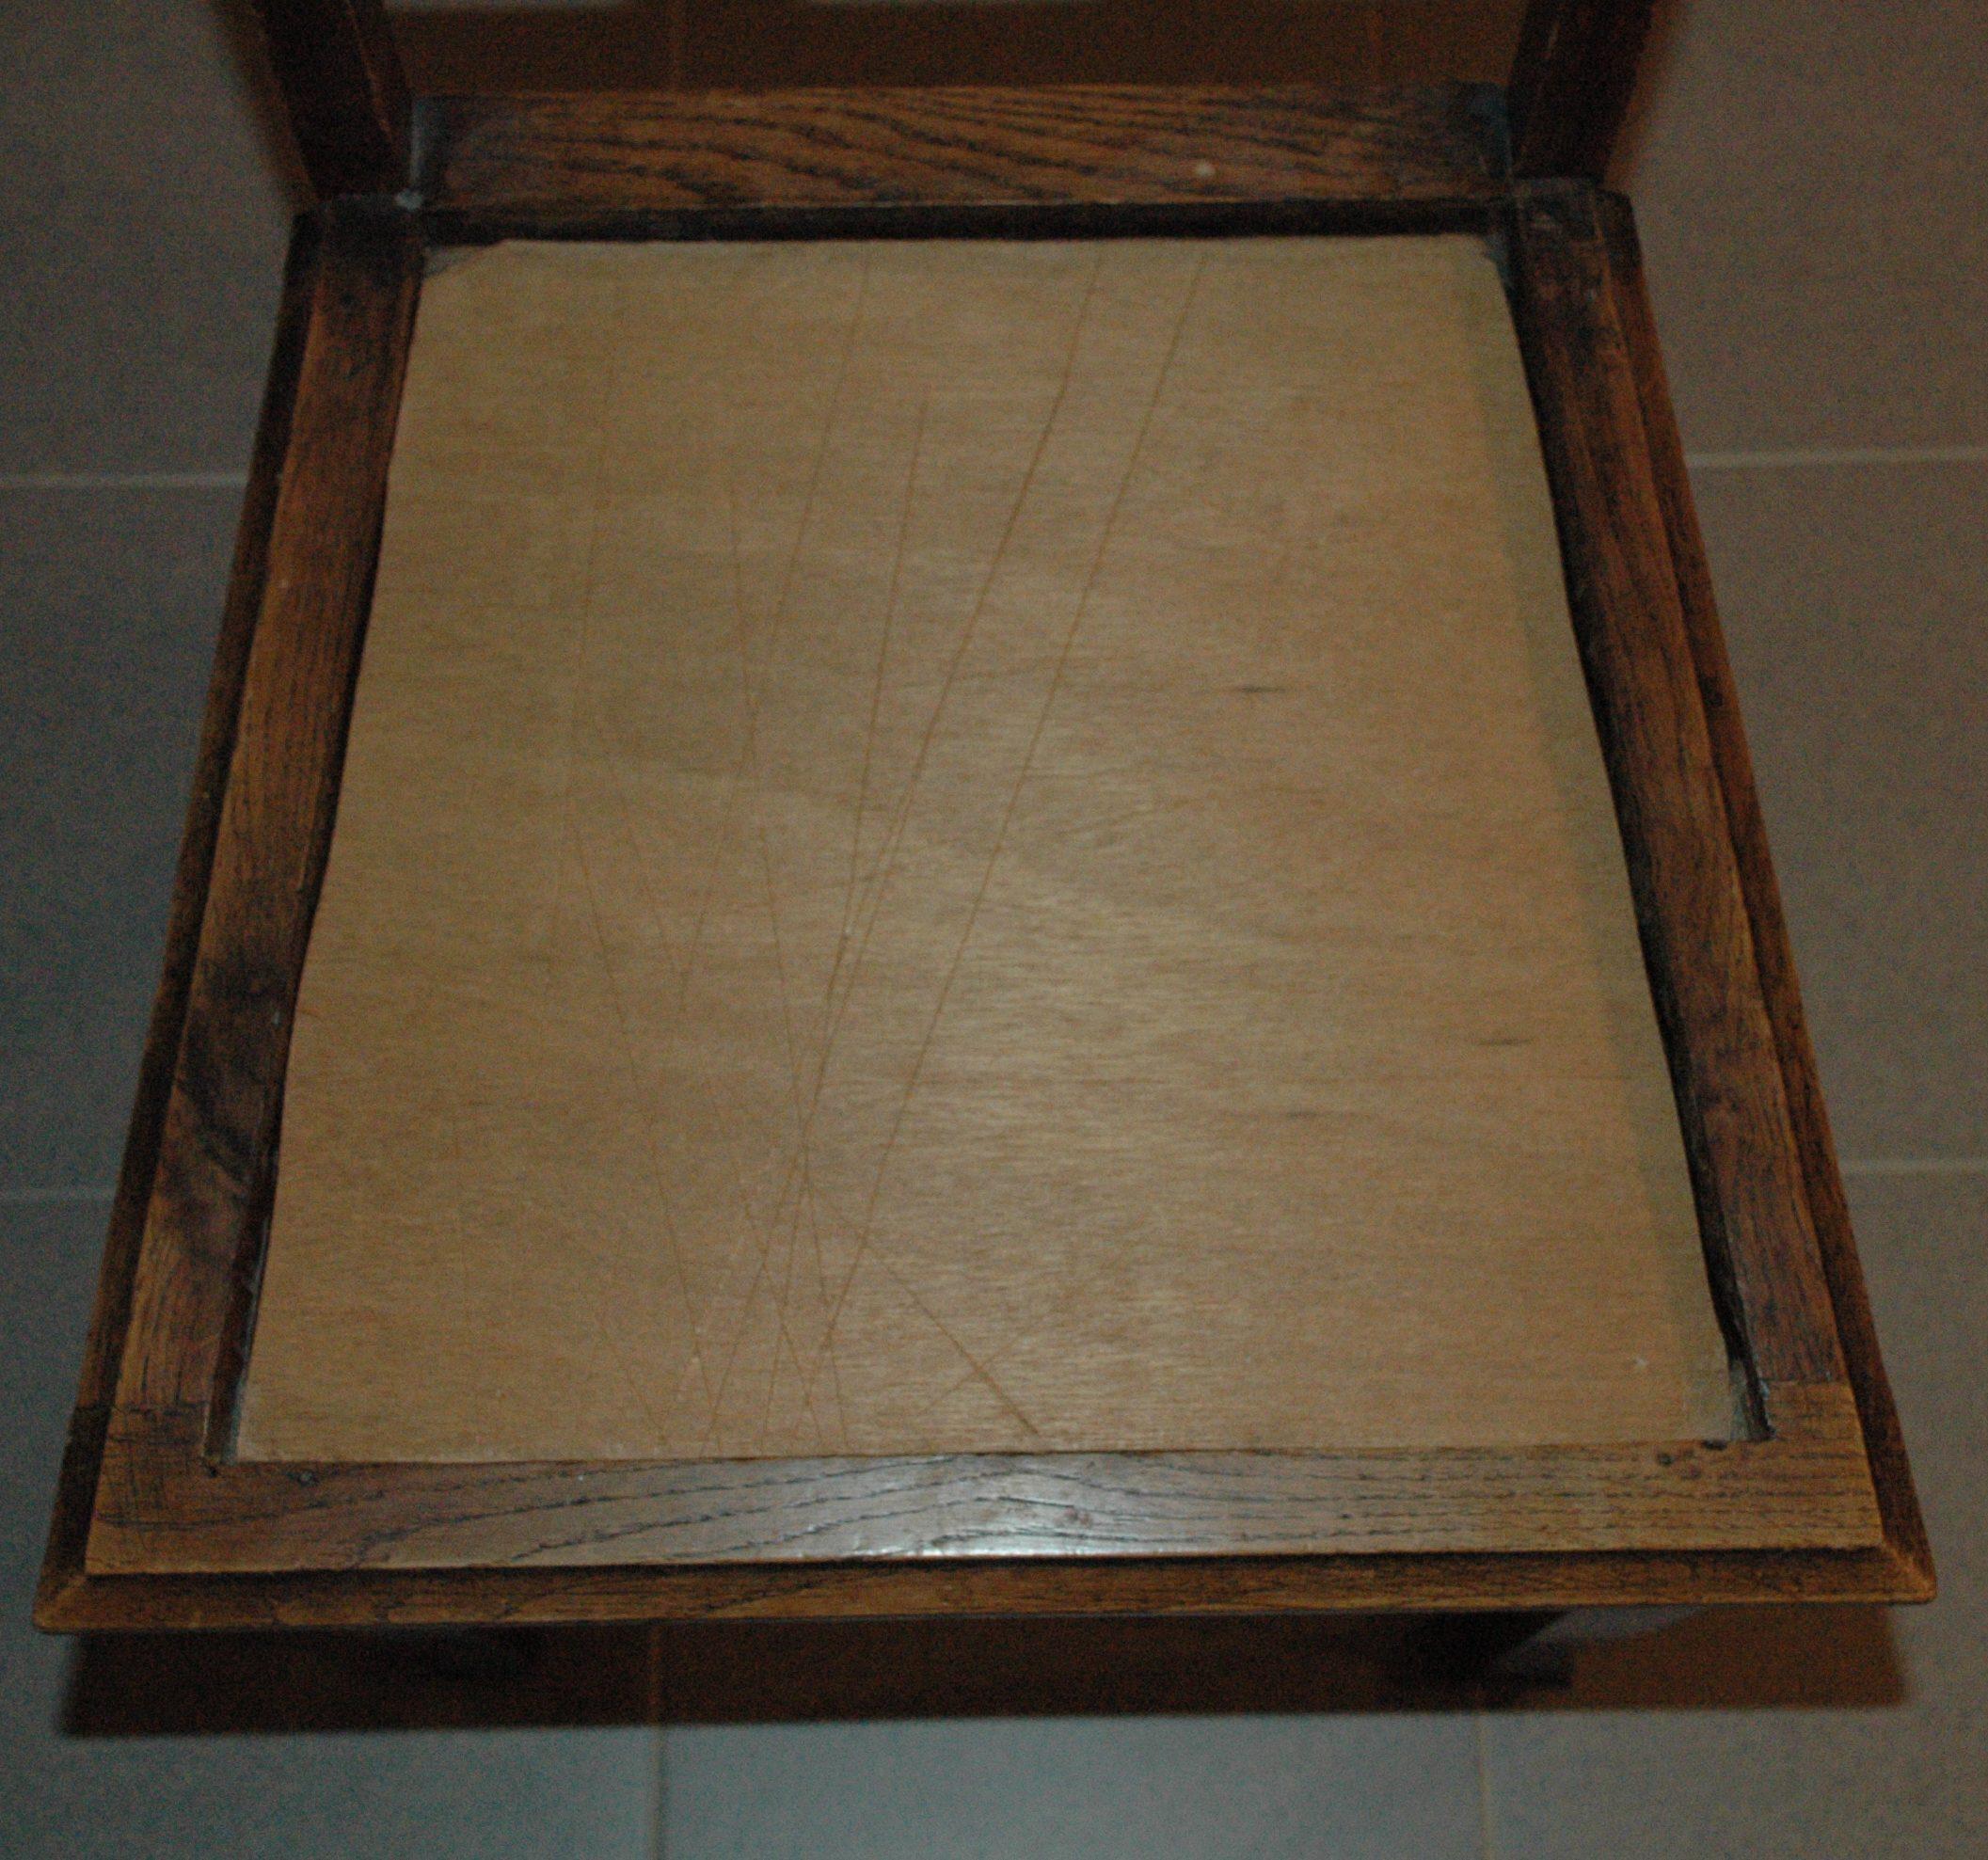 oude gaatjes frame was er uit gezaagd en een plankje ervoor in de plaats